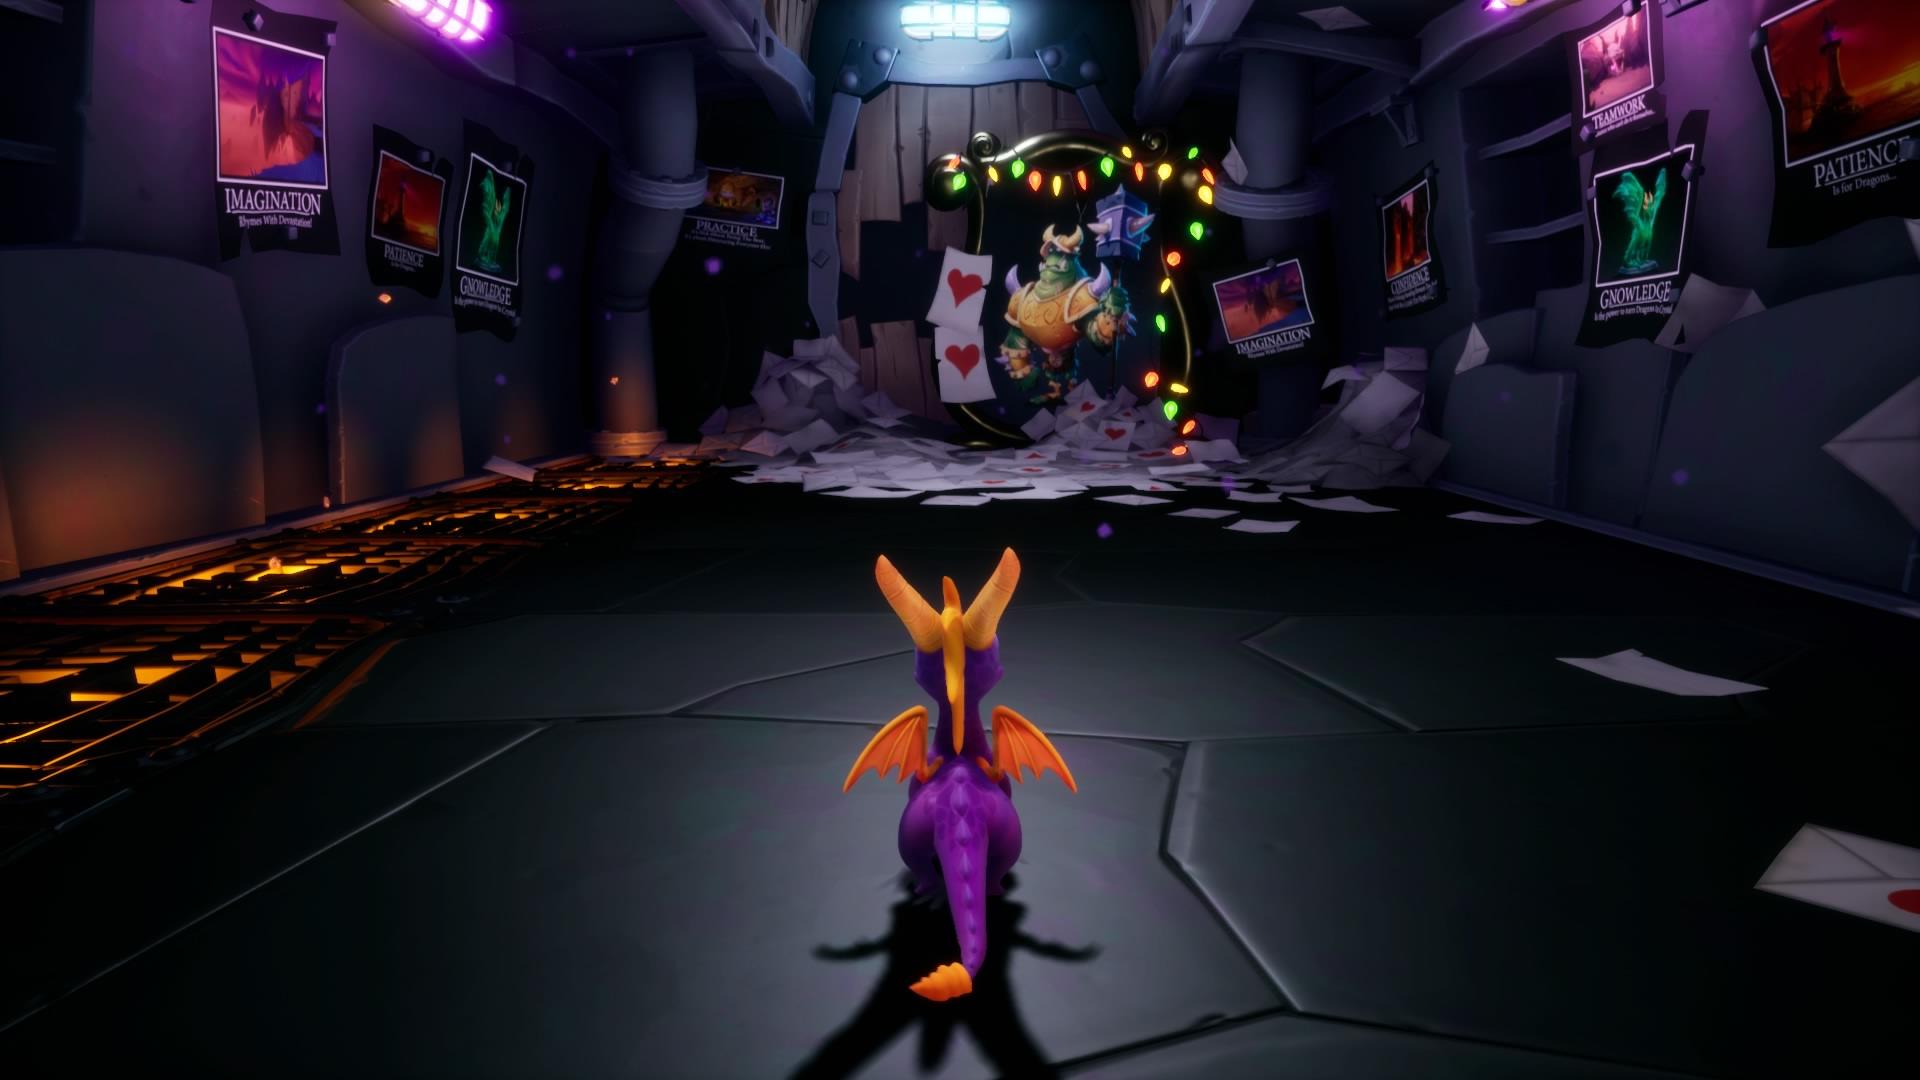 Spyro in Gnasty's loot room